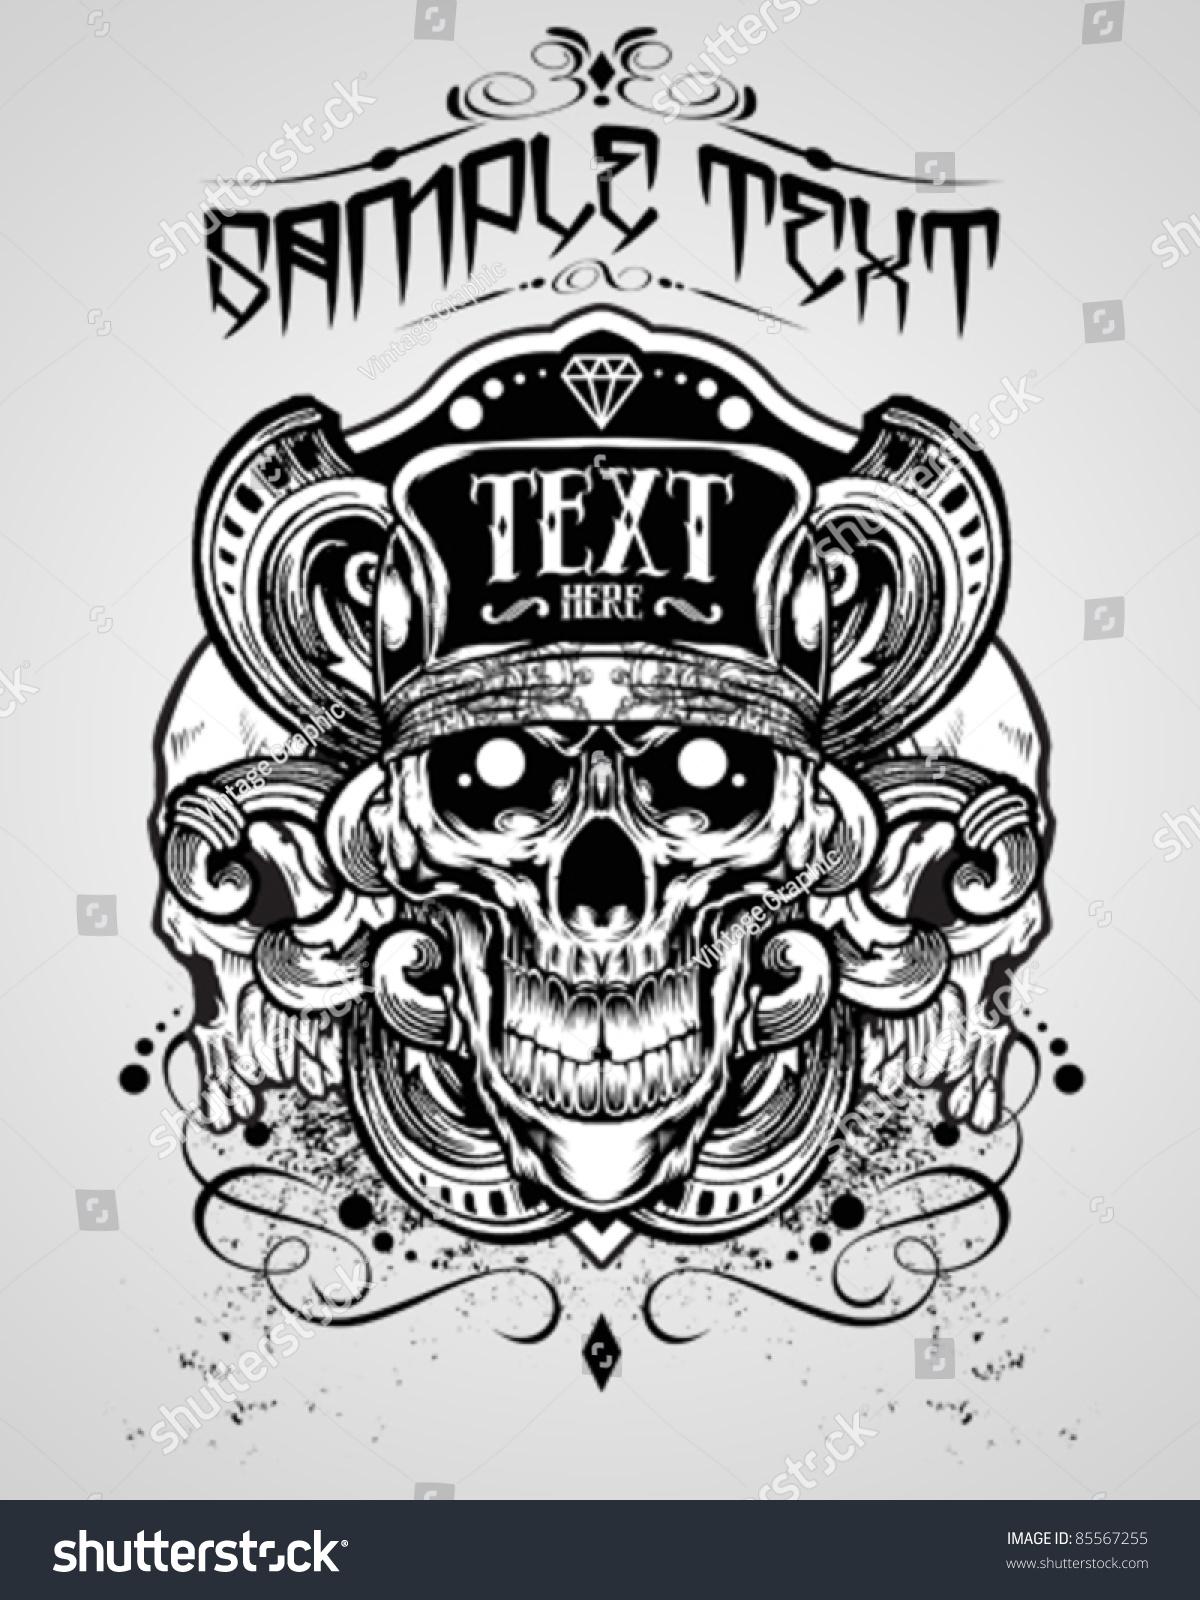 Design t shirt skull - Vector Illustration Skull T Shirt Design Logos Stock Vector